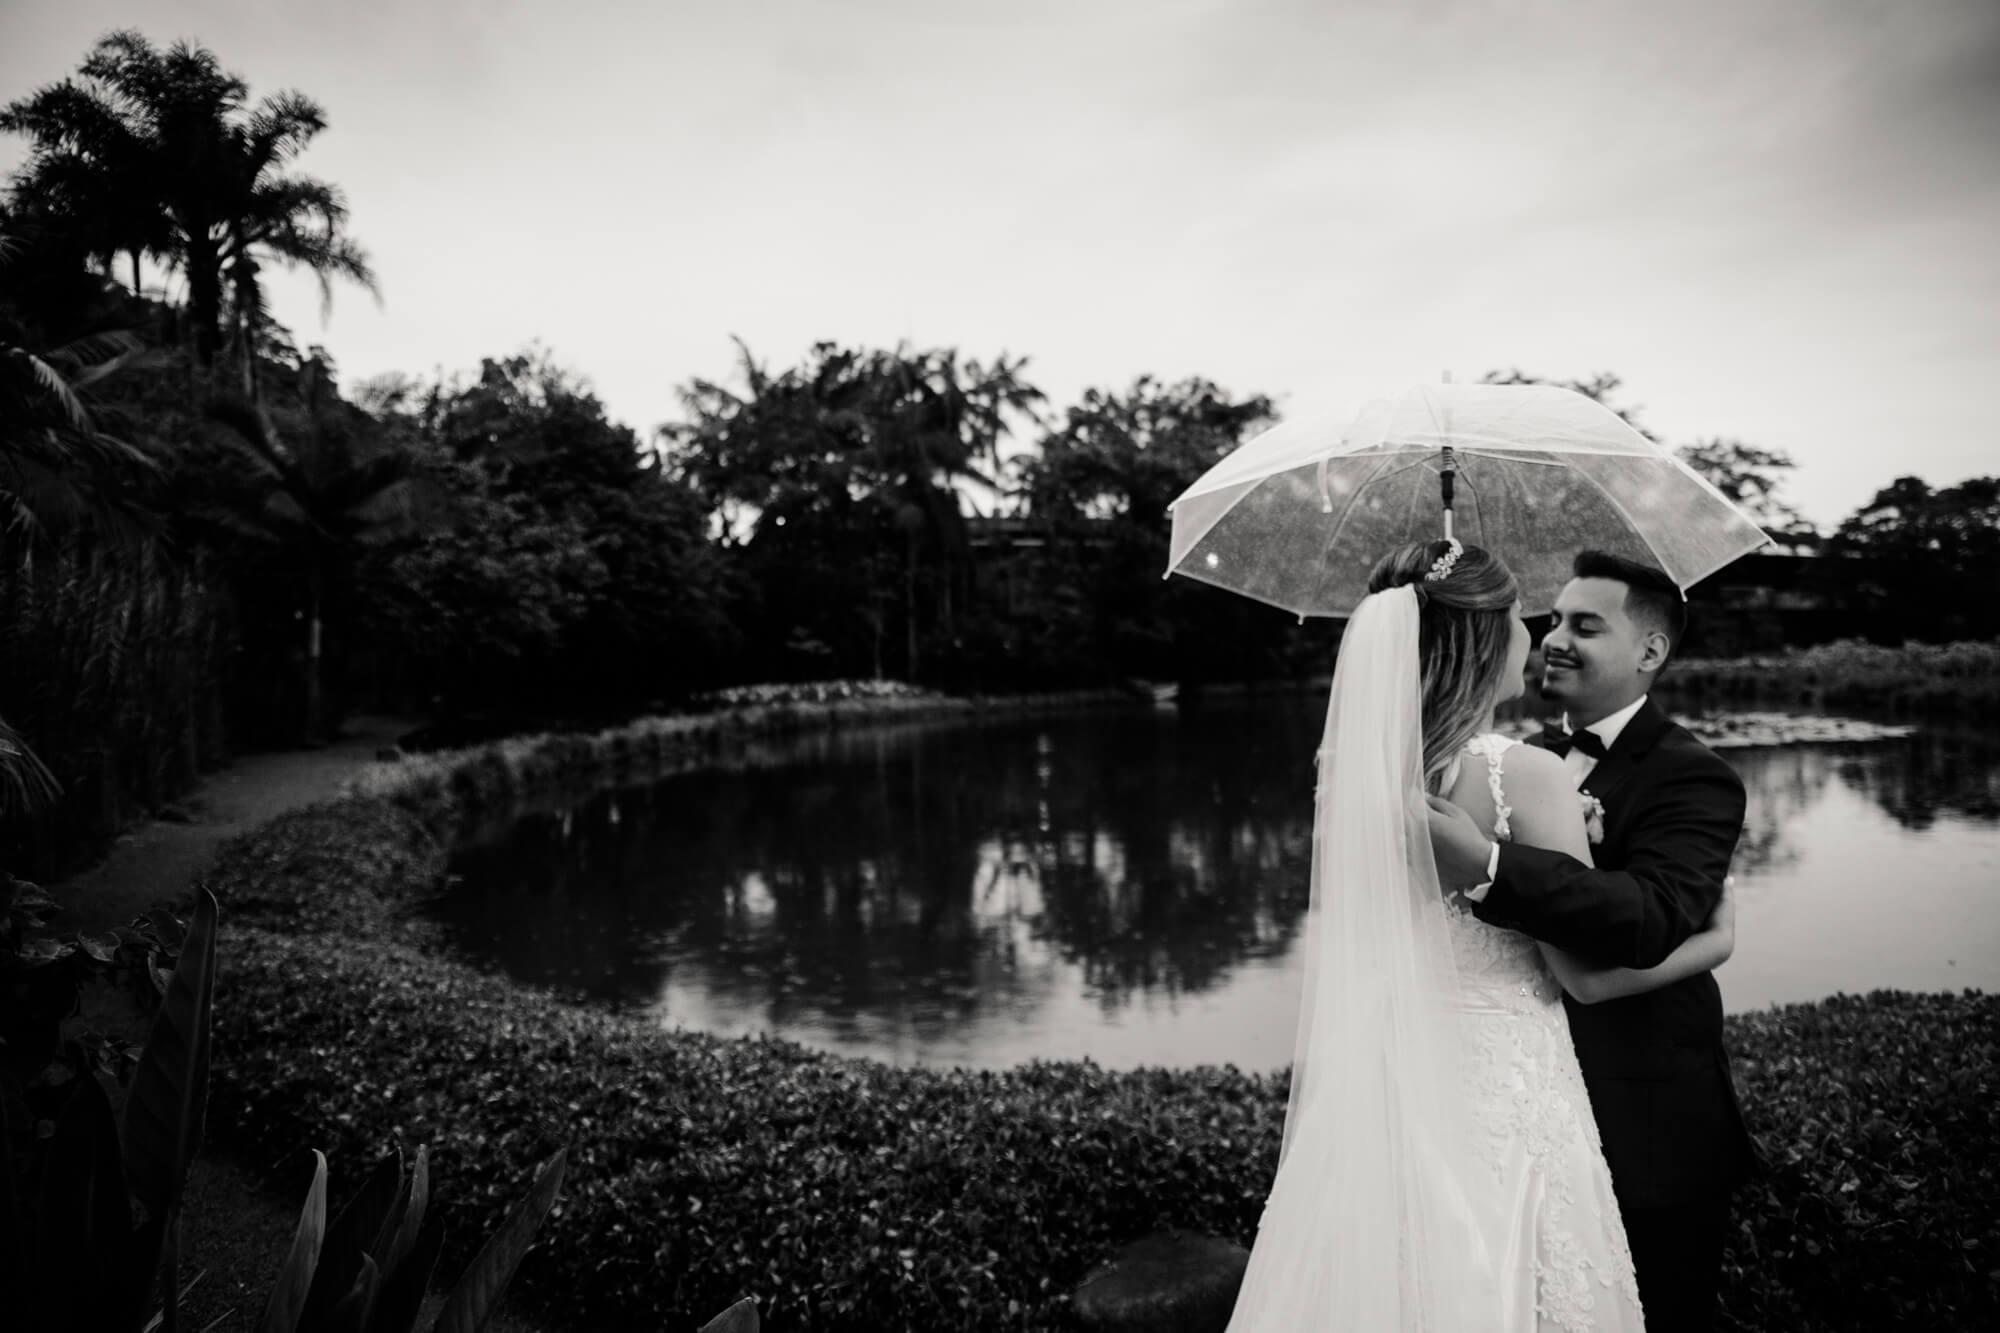 casamento com chuva joinville